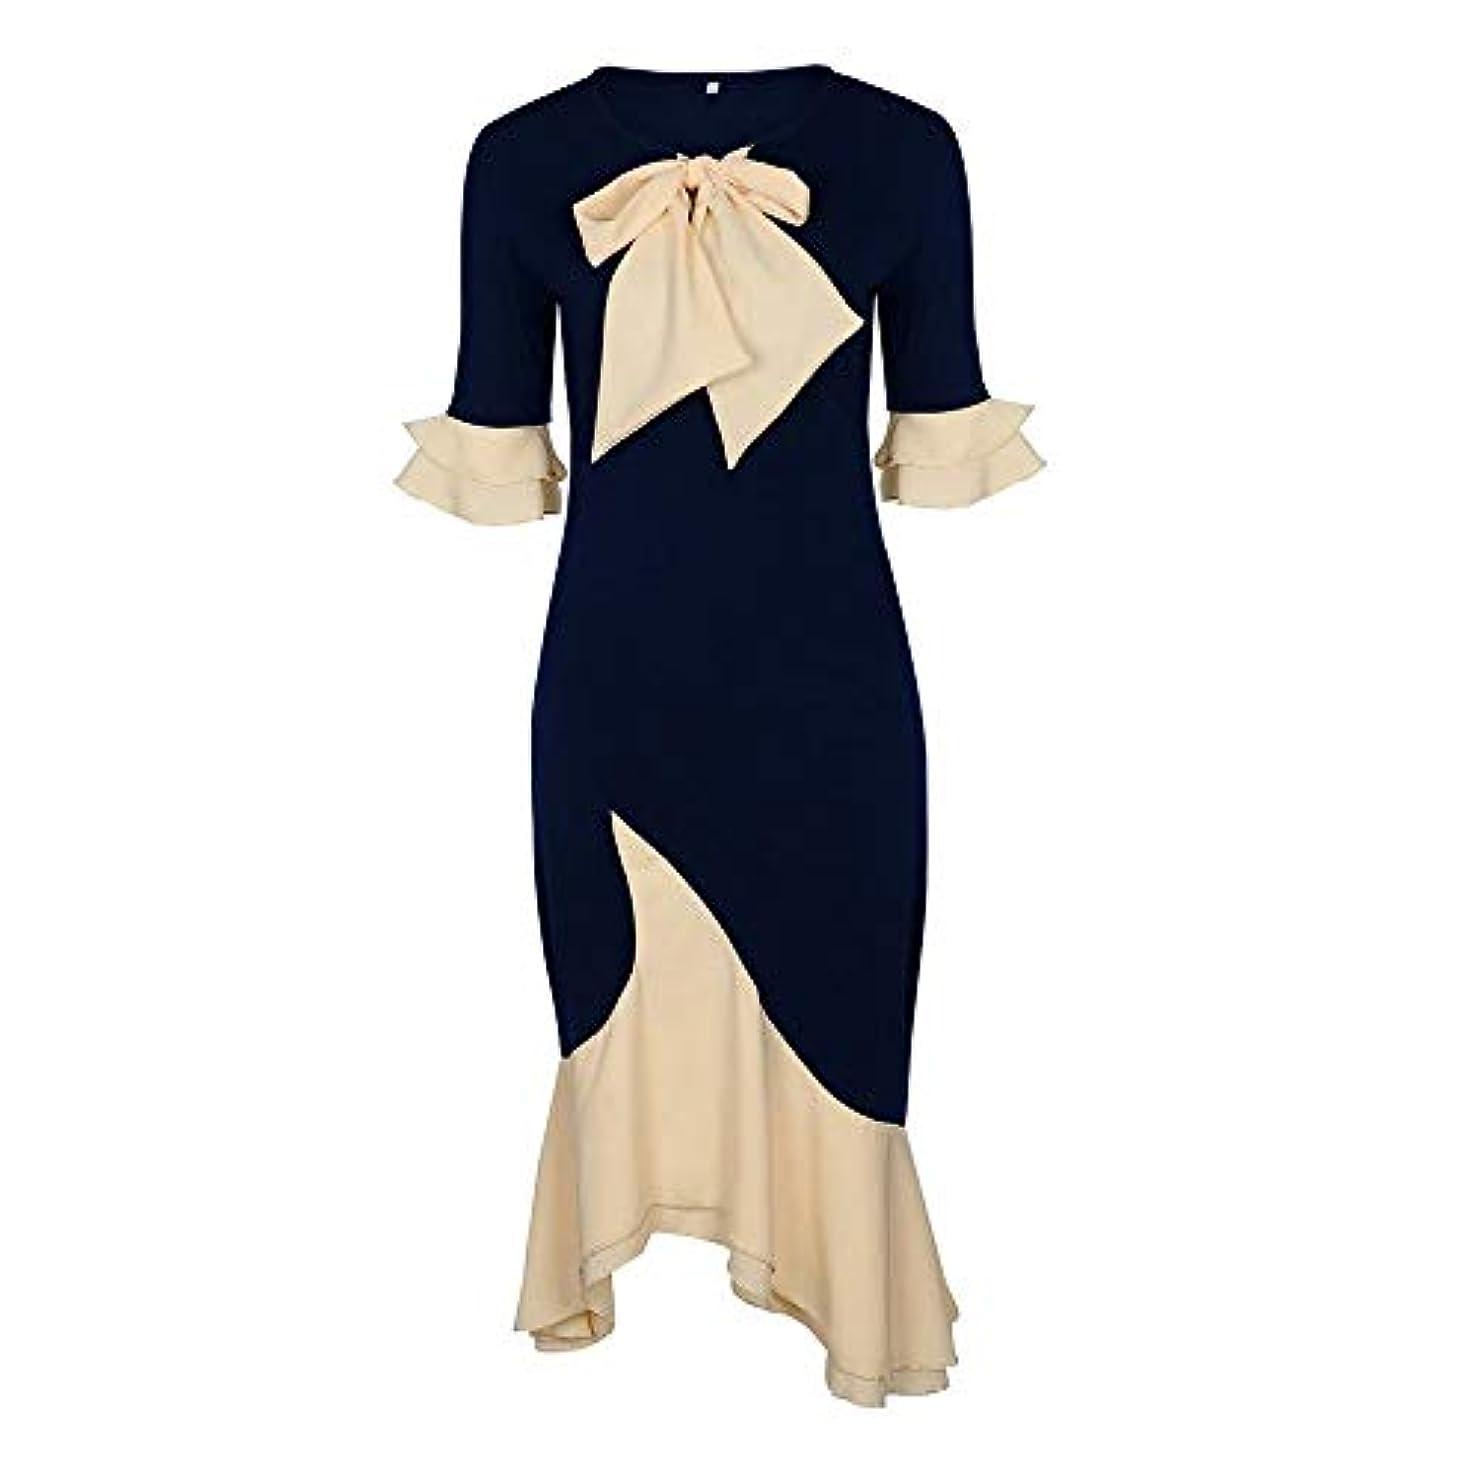 不和現在カビOnderroa - ヴィンテージエレガントなオフィスレディーの女性のドレスマーメイドフレアスリーブボウカラーファルバラの女の子セクシーな女性レトロなパーティードレス